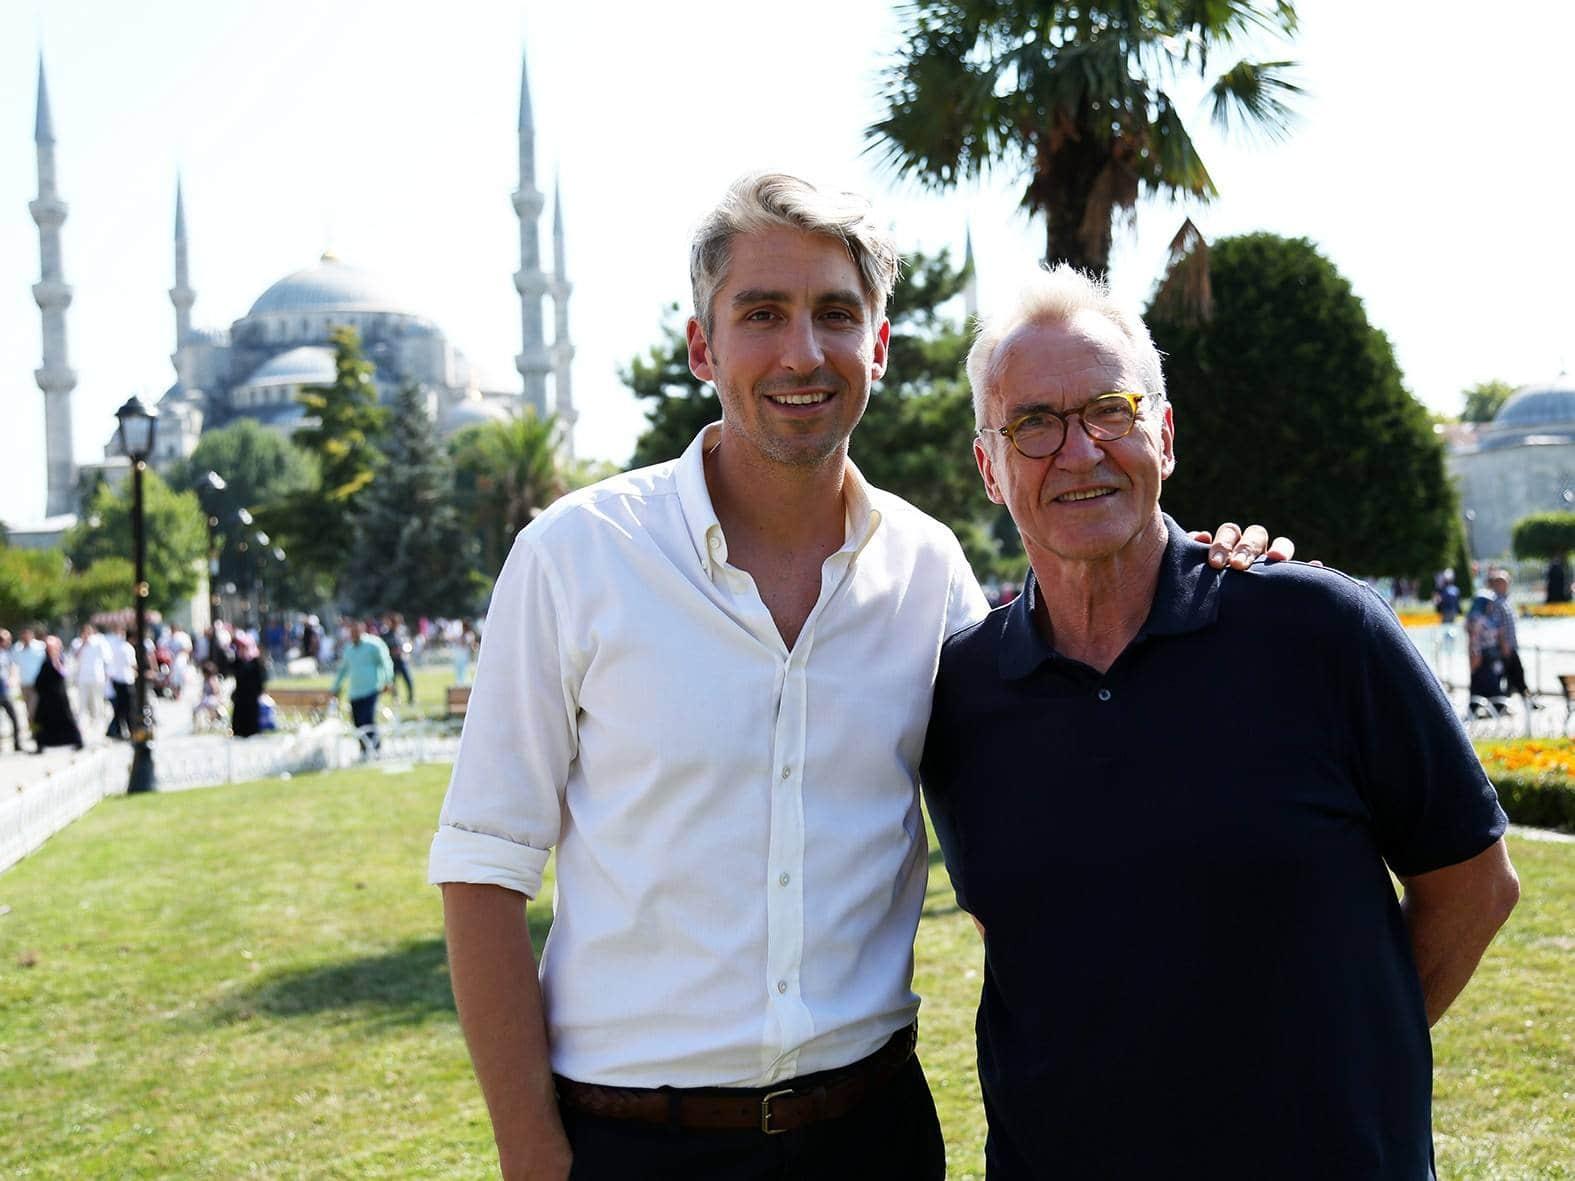 программа Travel Channel: Ларри и Джордж Лэм путешествуют по Турции Из провинции Артвин в Бозтепе